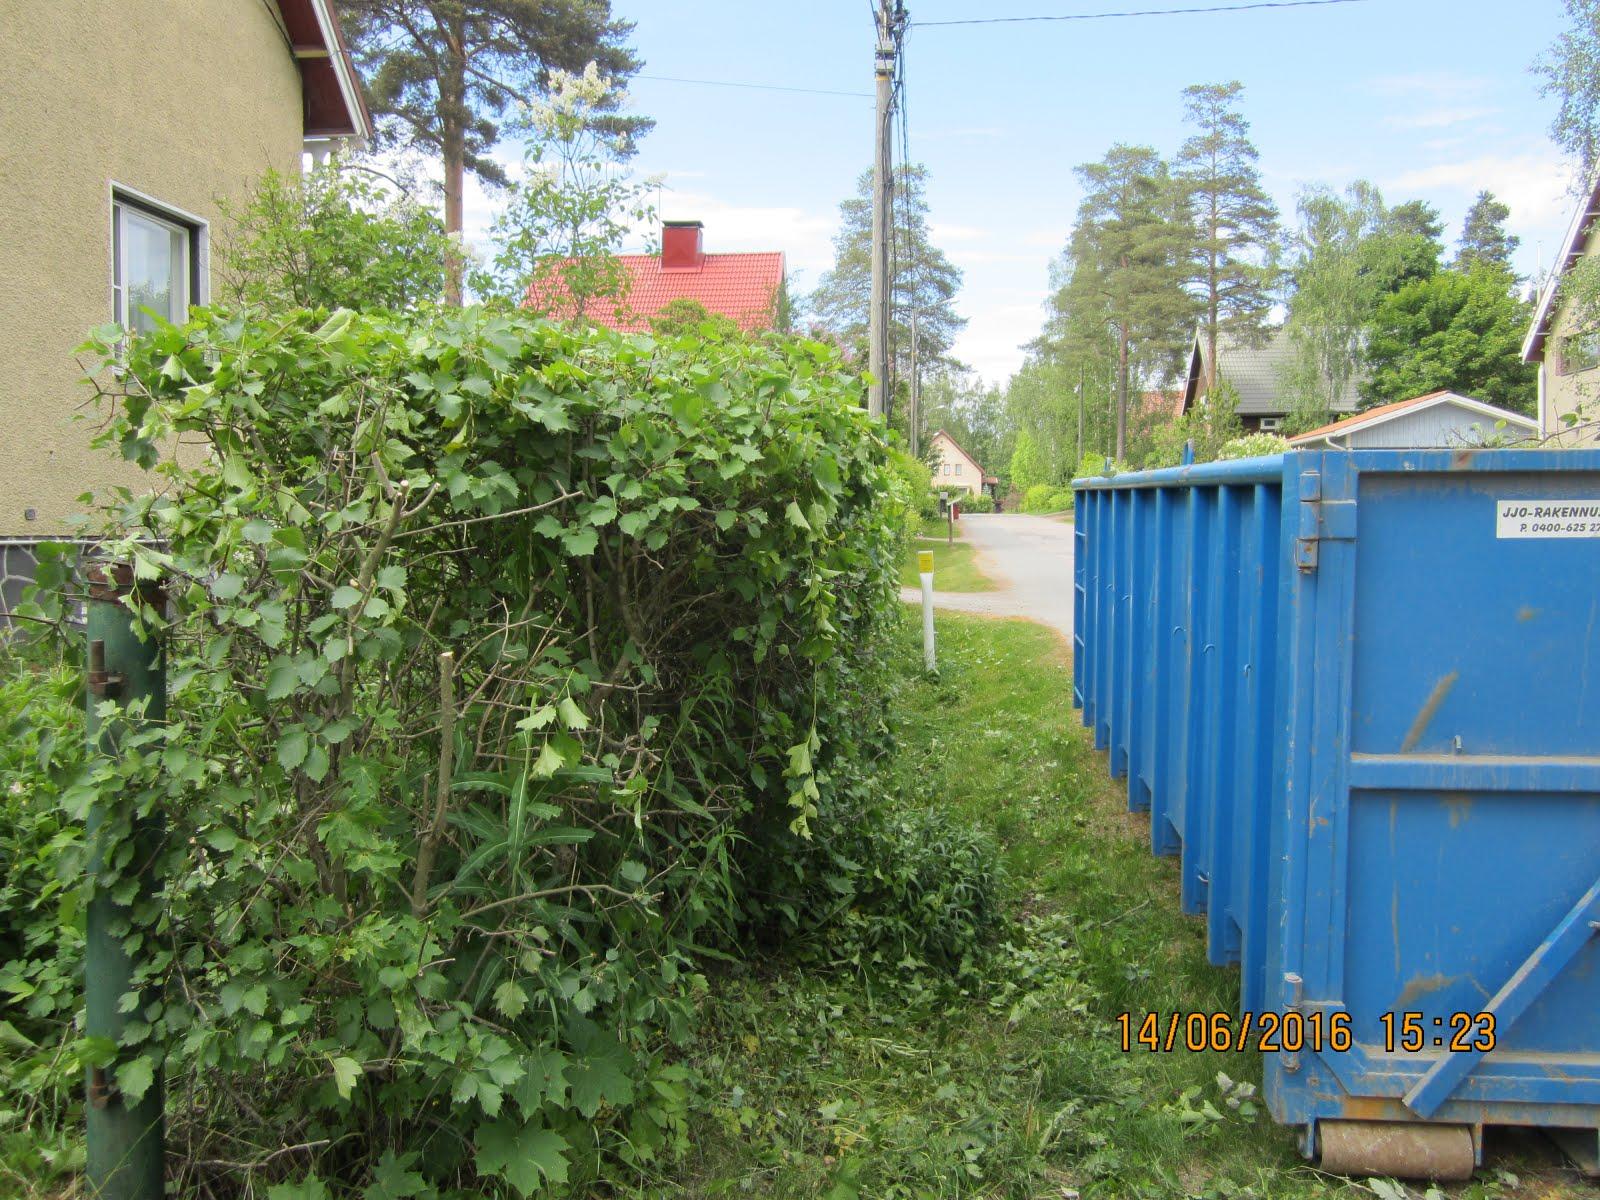 Pihatyöt Kangasala Tampere Pirkanmaa siirtolava tilauksesta paikalle pihajätteitä varten kun aika